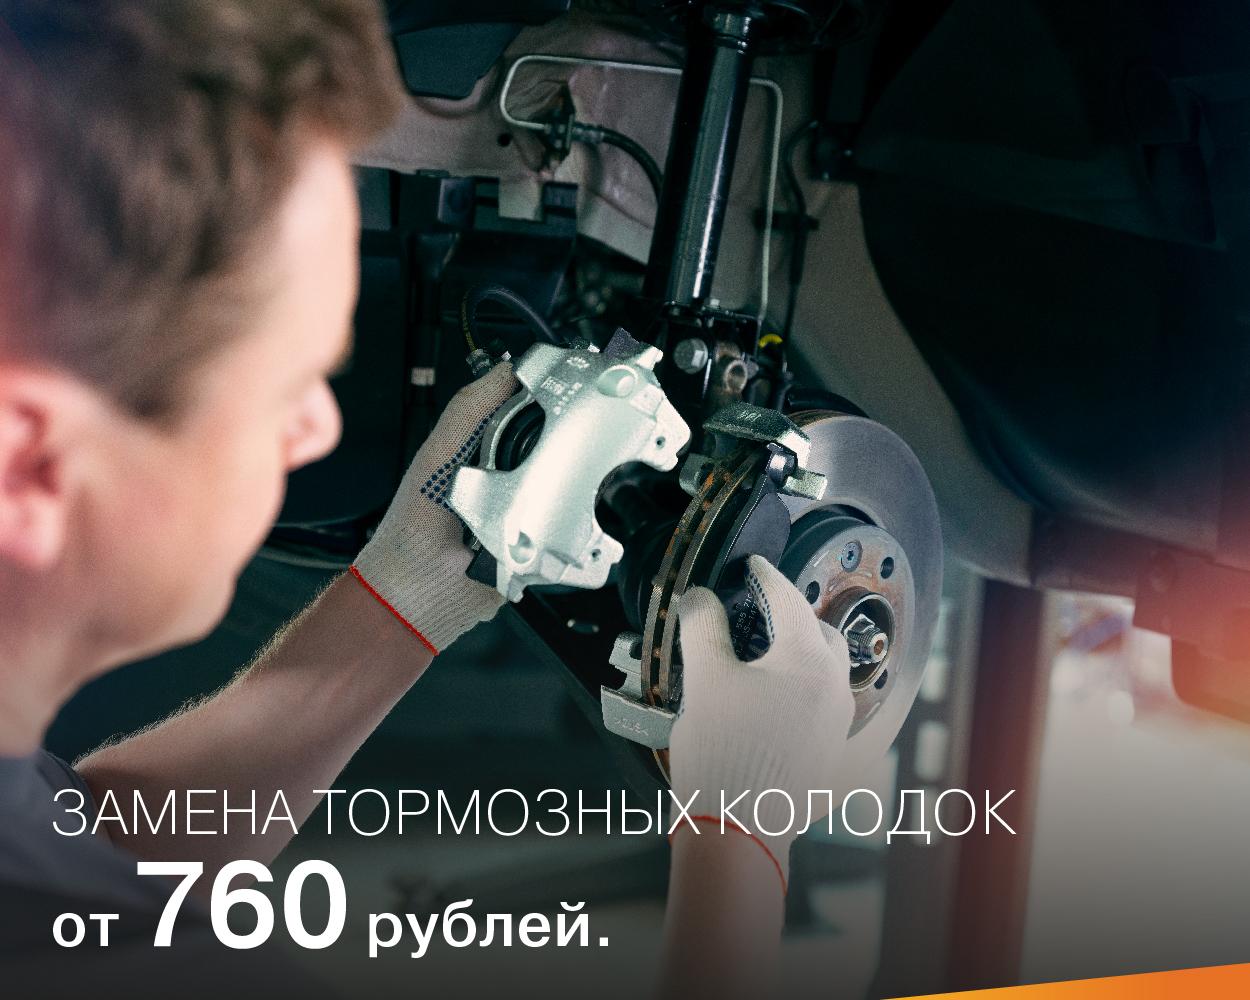 Замена тормозных колодок от 760 рублей